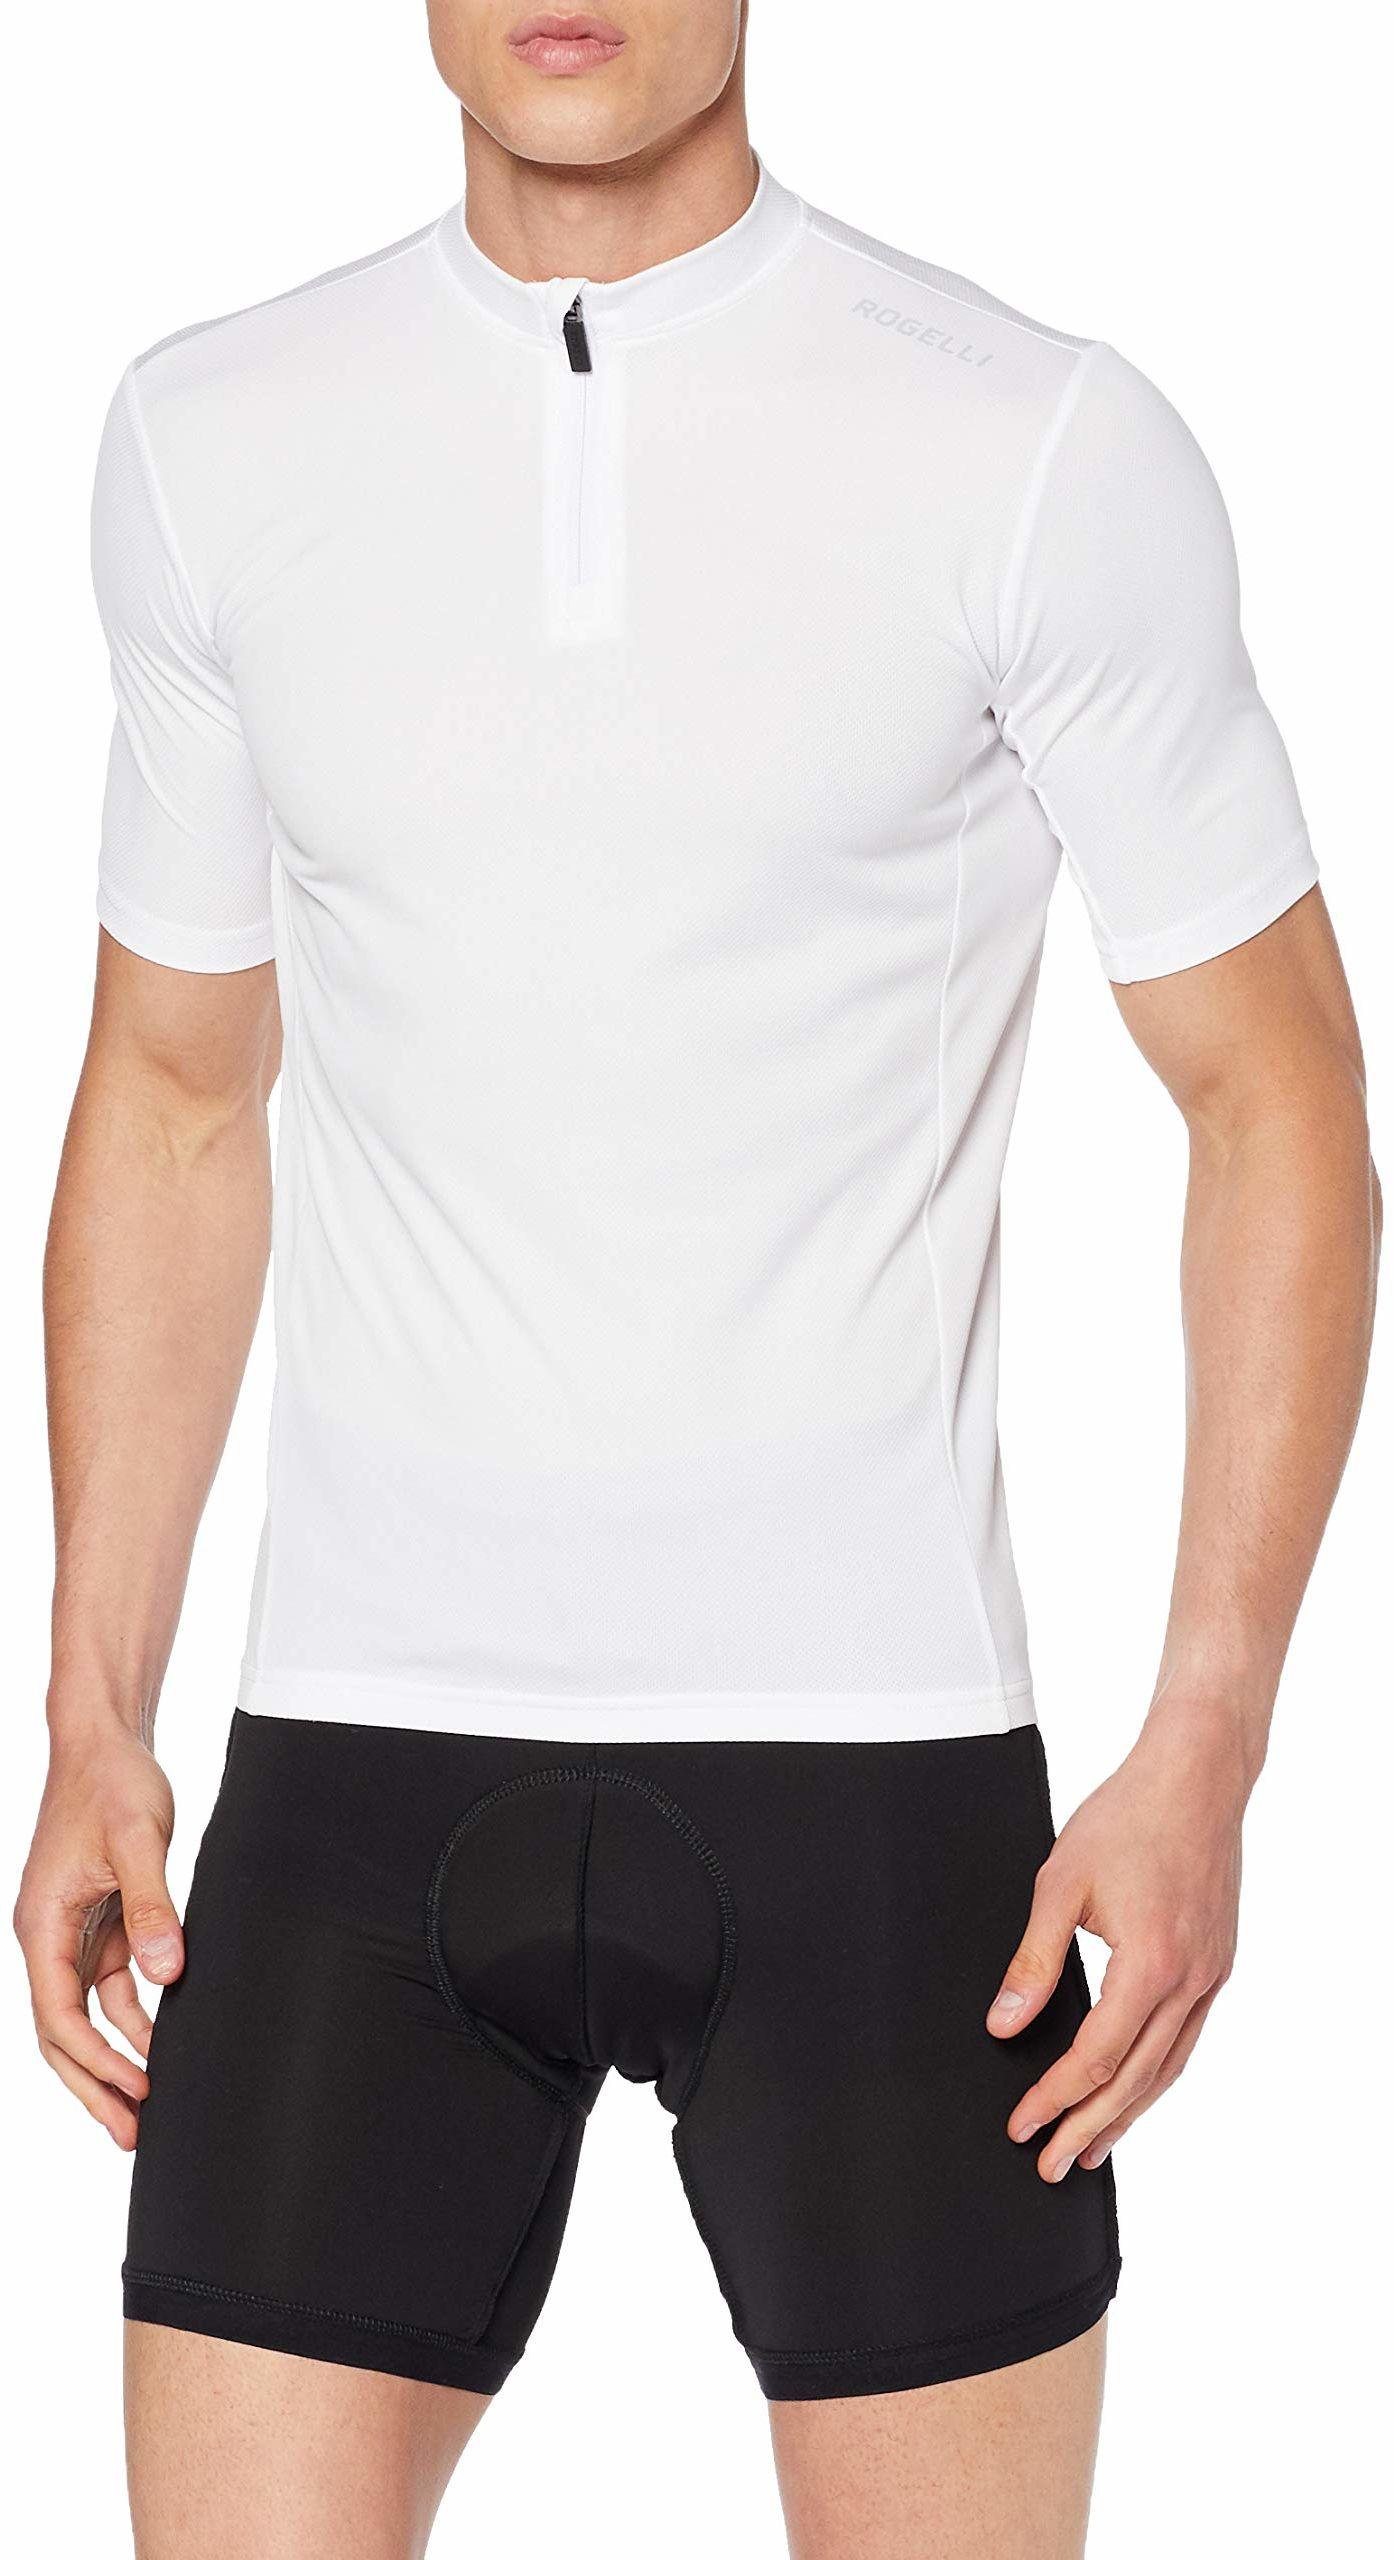 Rogelli Base męska koszulka rowerowa, 2XL